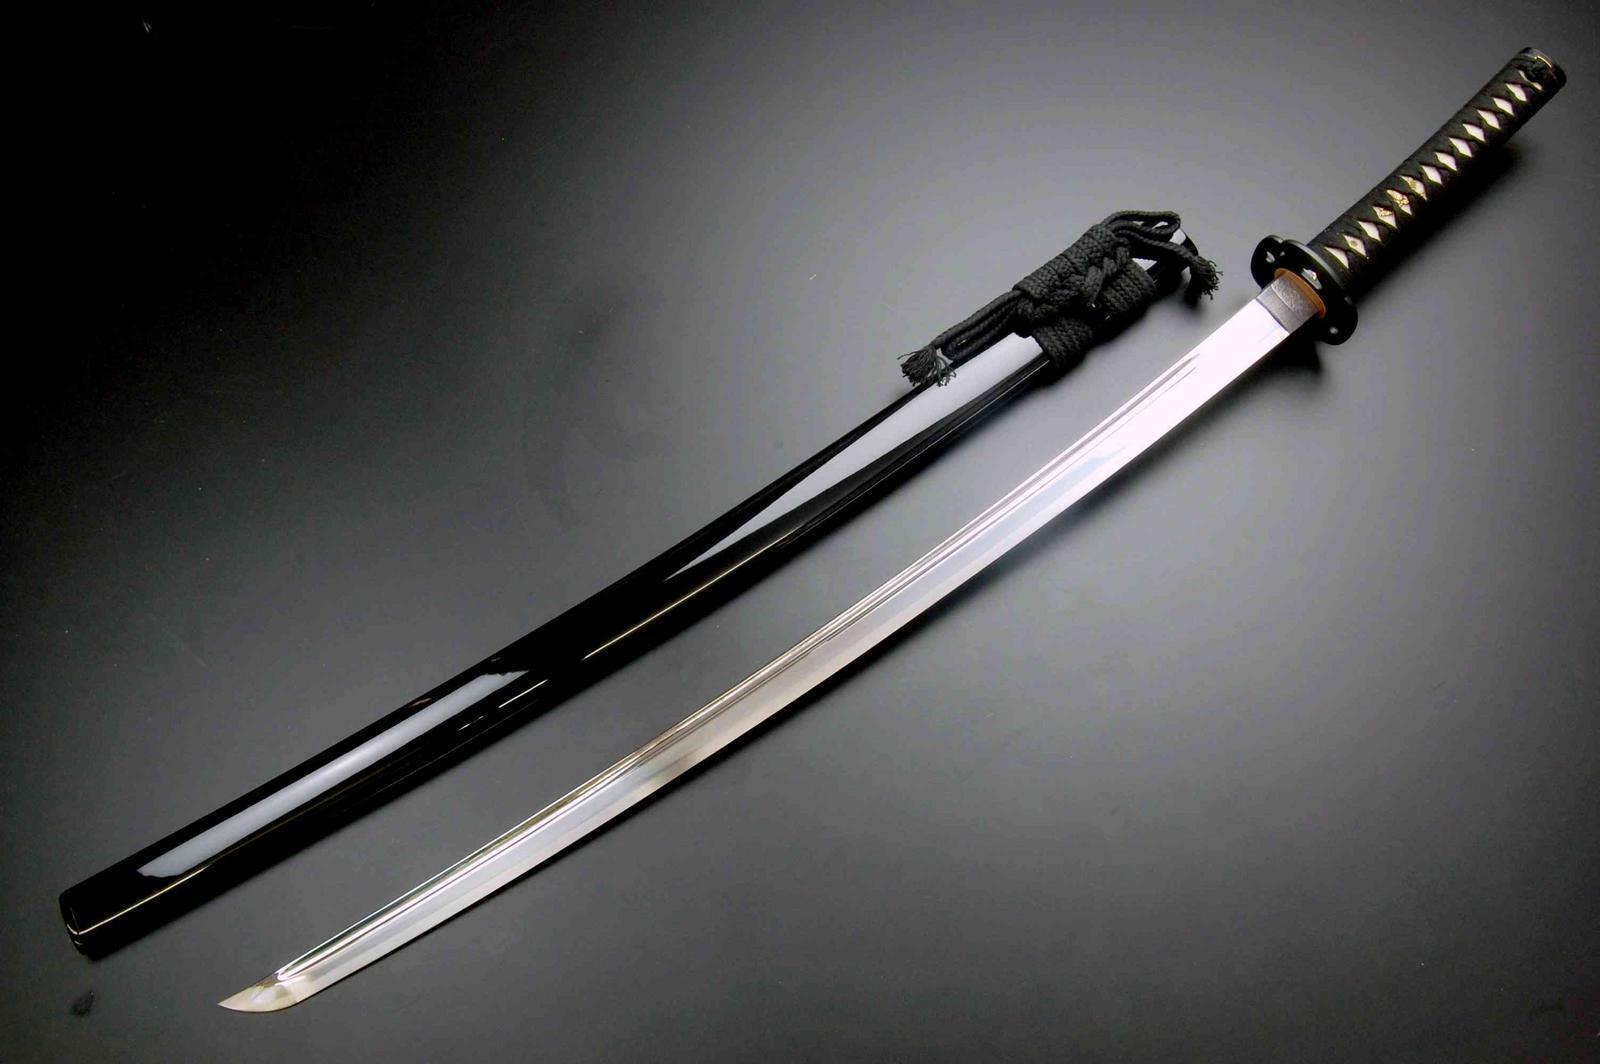 居合練習刀 時代拵え(上拵え)大刀(J005-1)~2.35尺コンビニ受取不可